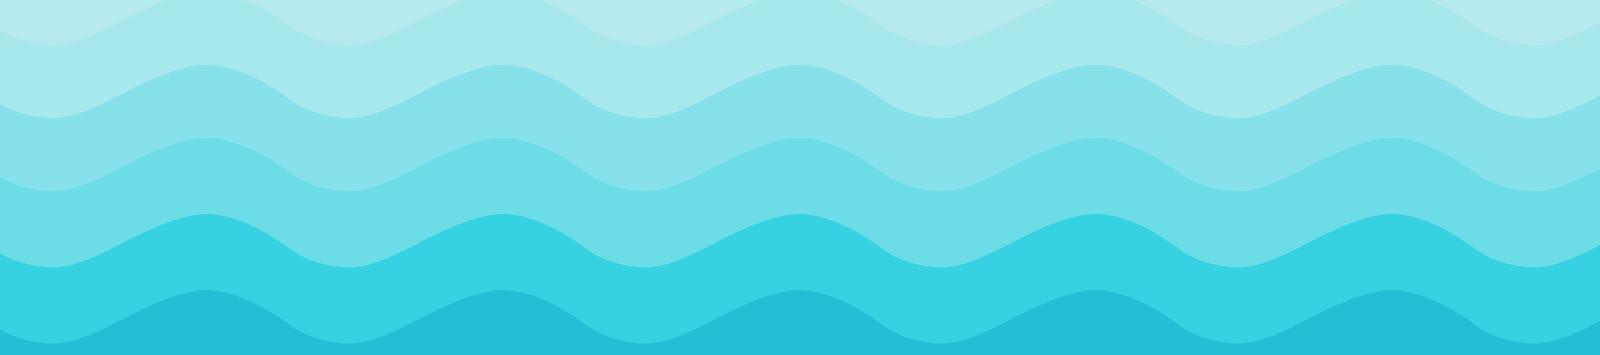 header-wave-bg-new.png